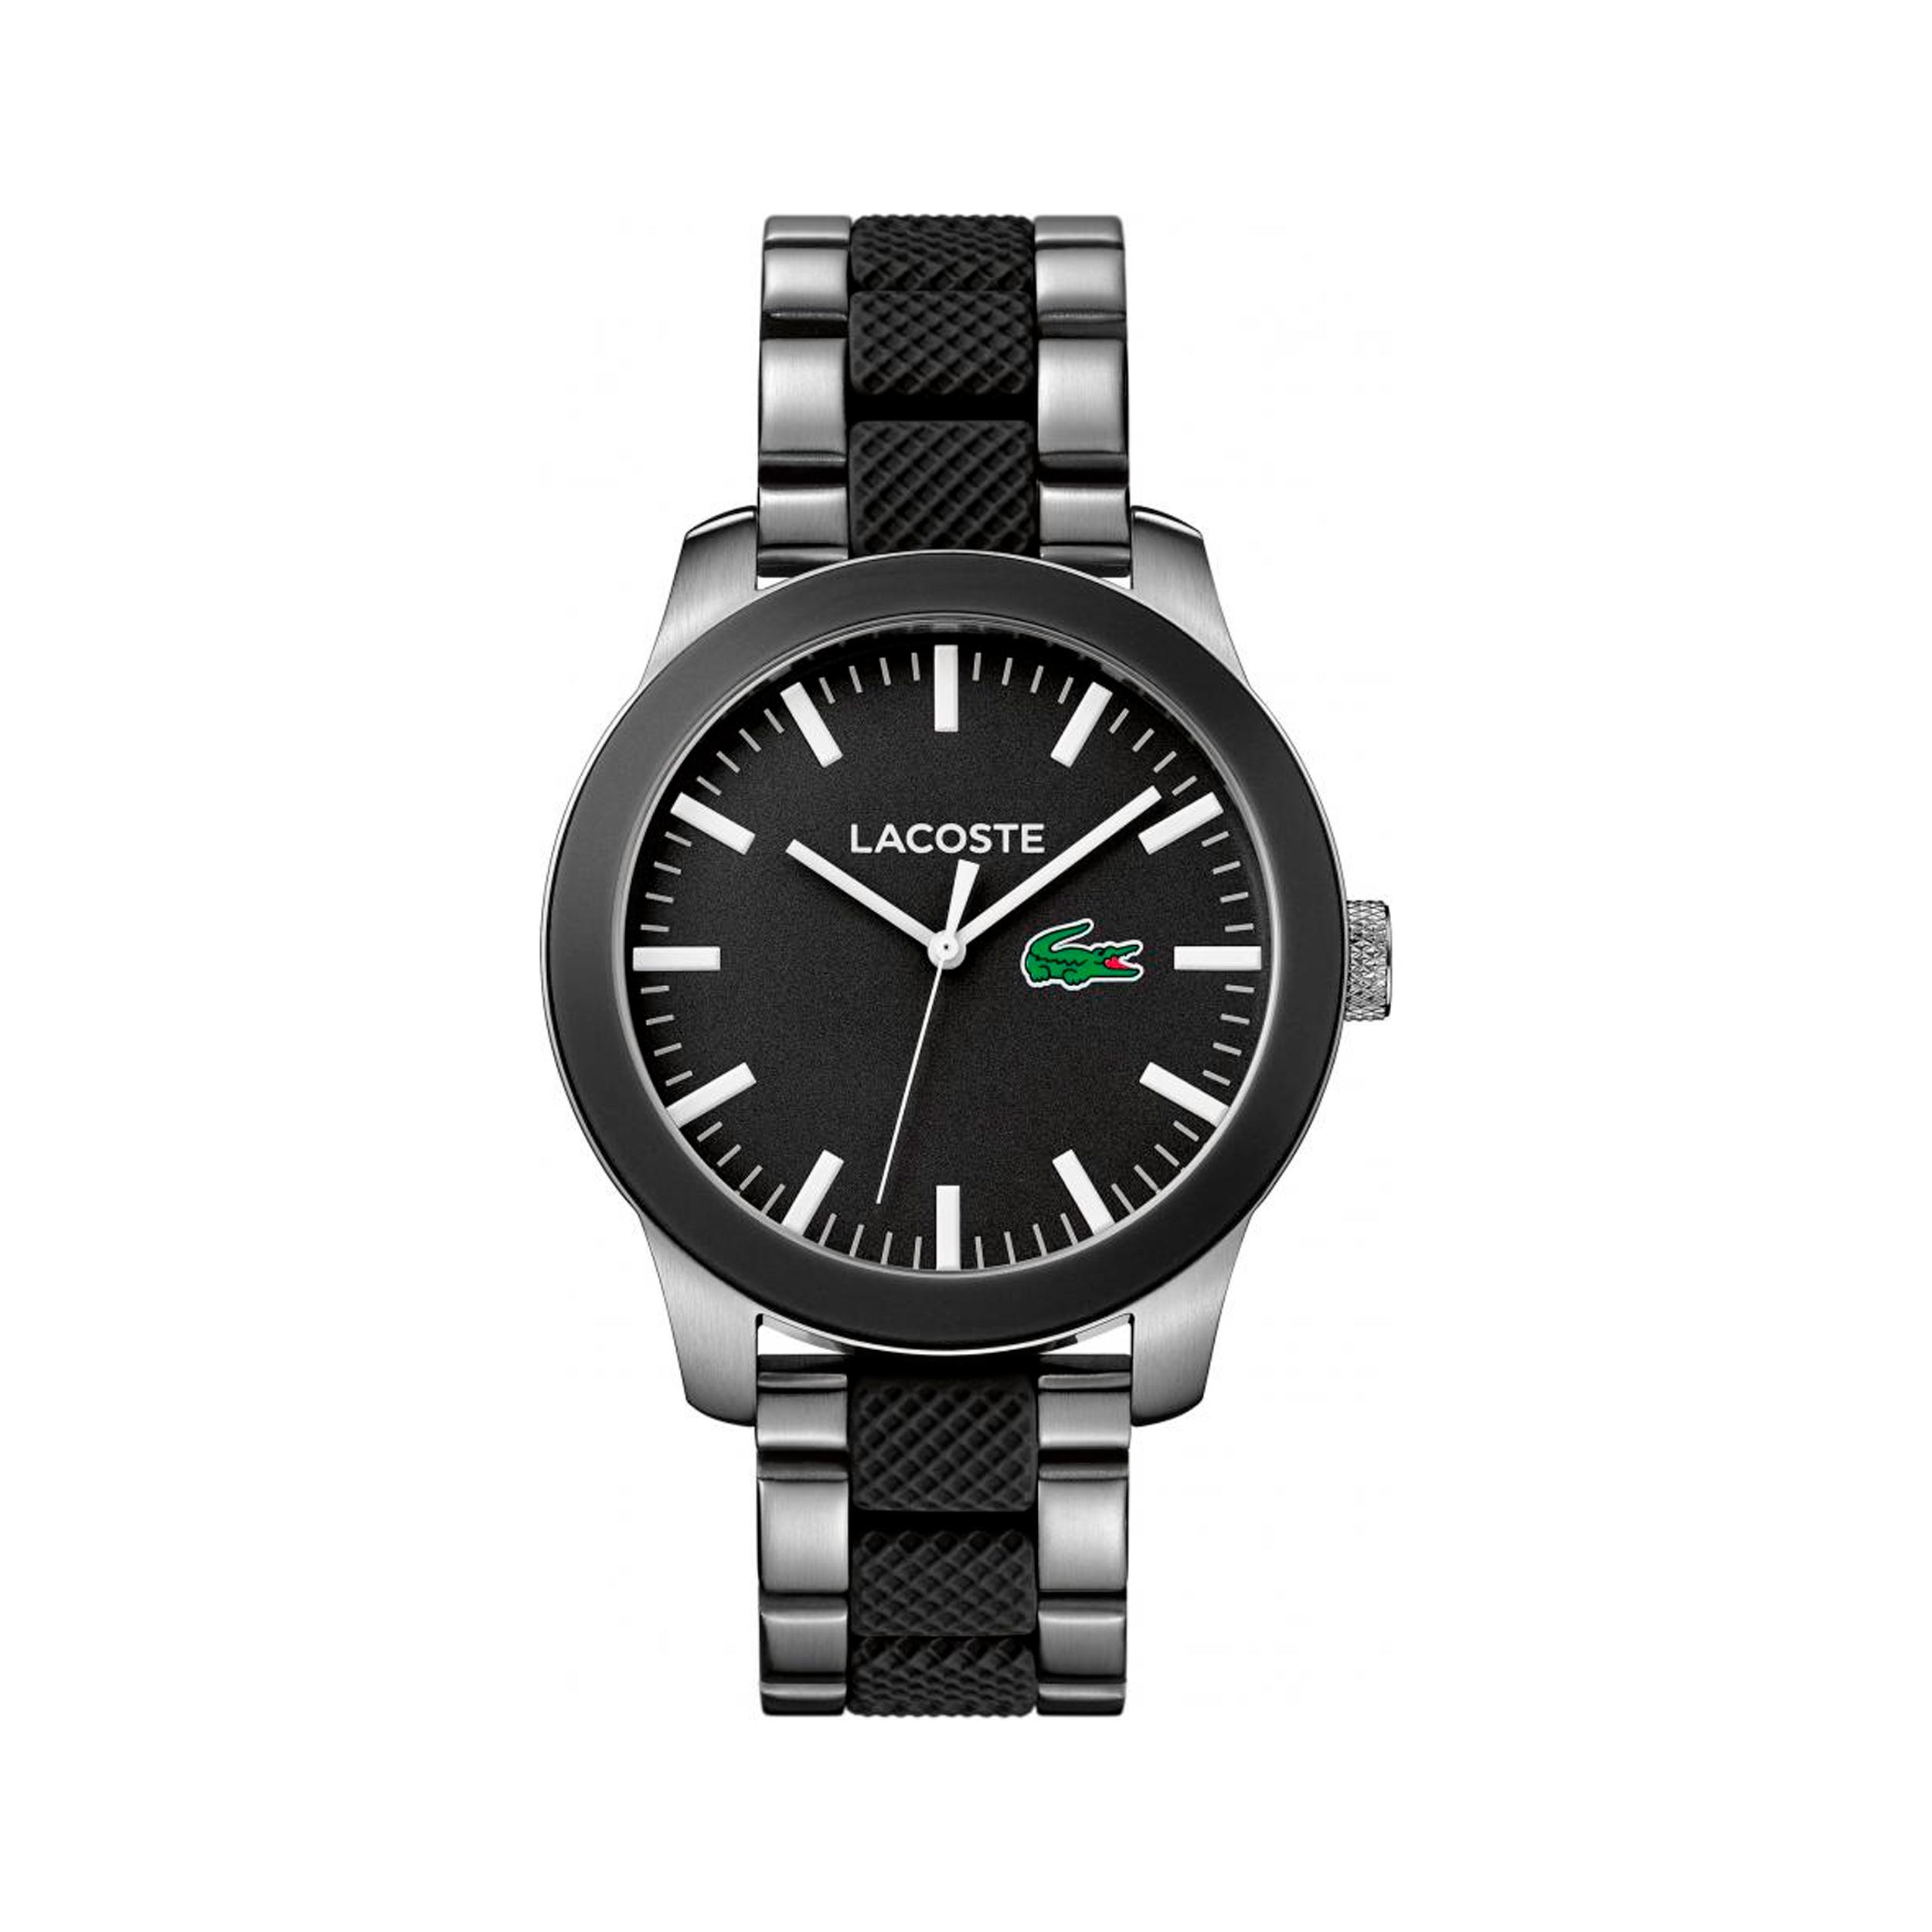 ساعت مچی عقربه ای مردانه لاگوست مدل 2010890              خرید (⭐️⭐️⭐️)